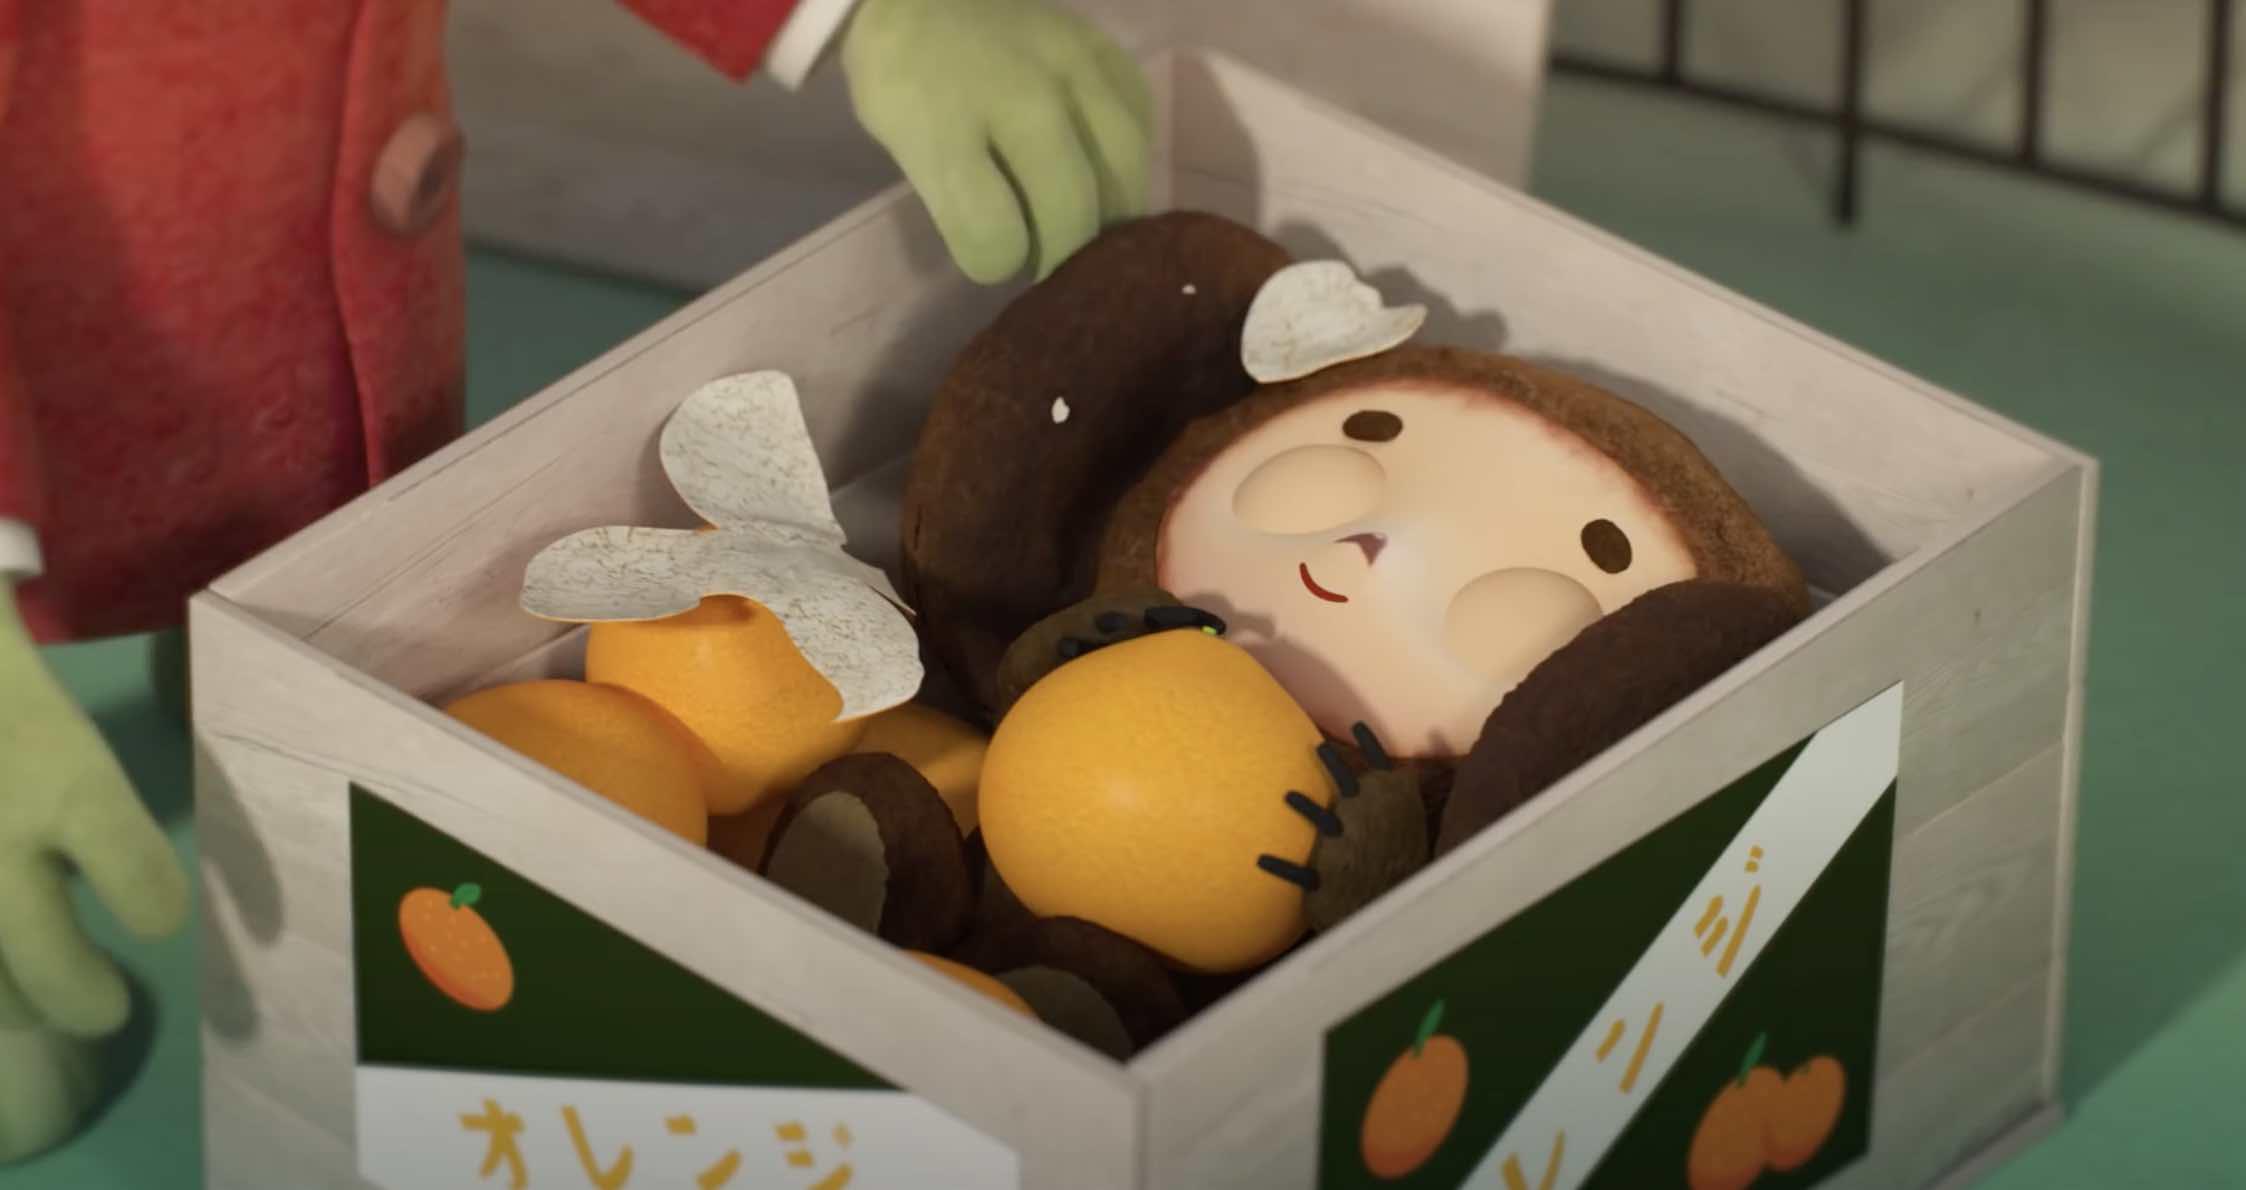 Японцы выпустили 3D-мультфильм про Чебурашку икрокодила Гену